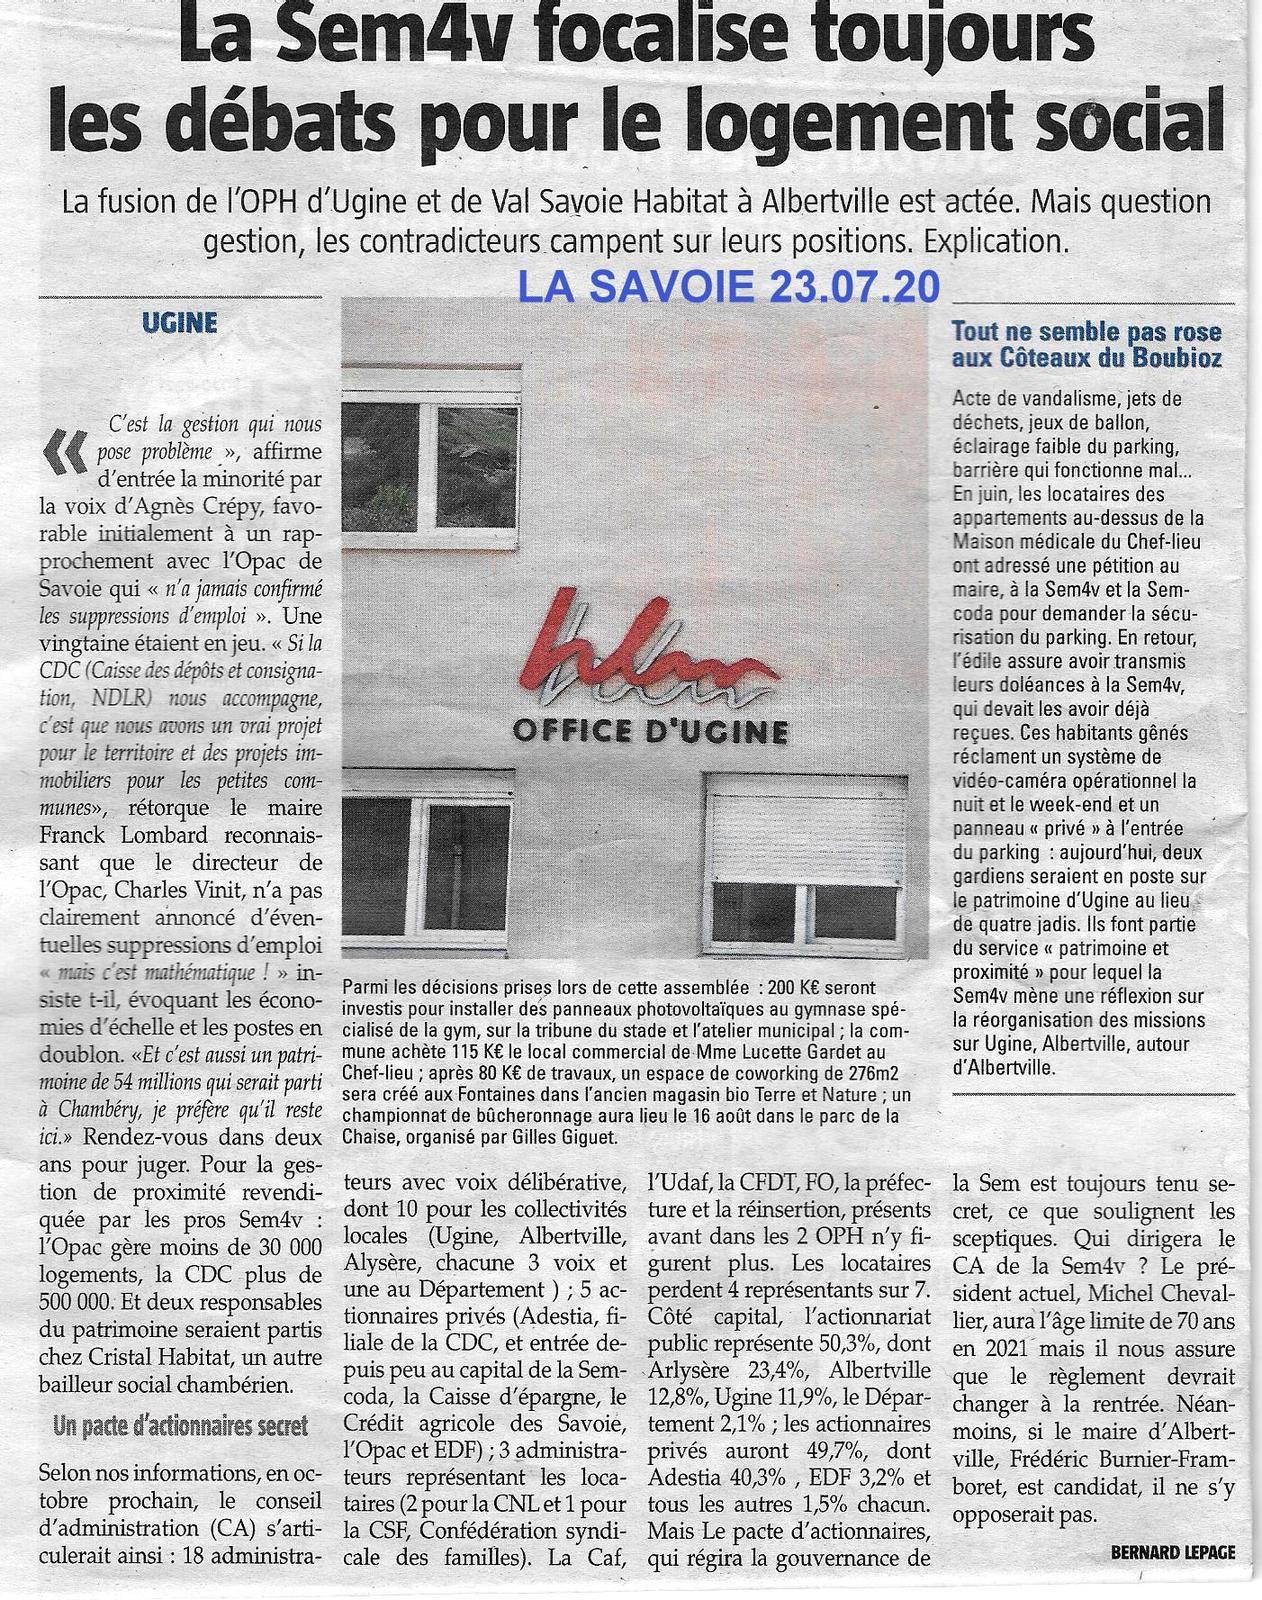 ARTICLE DE LA SAVOIE